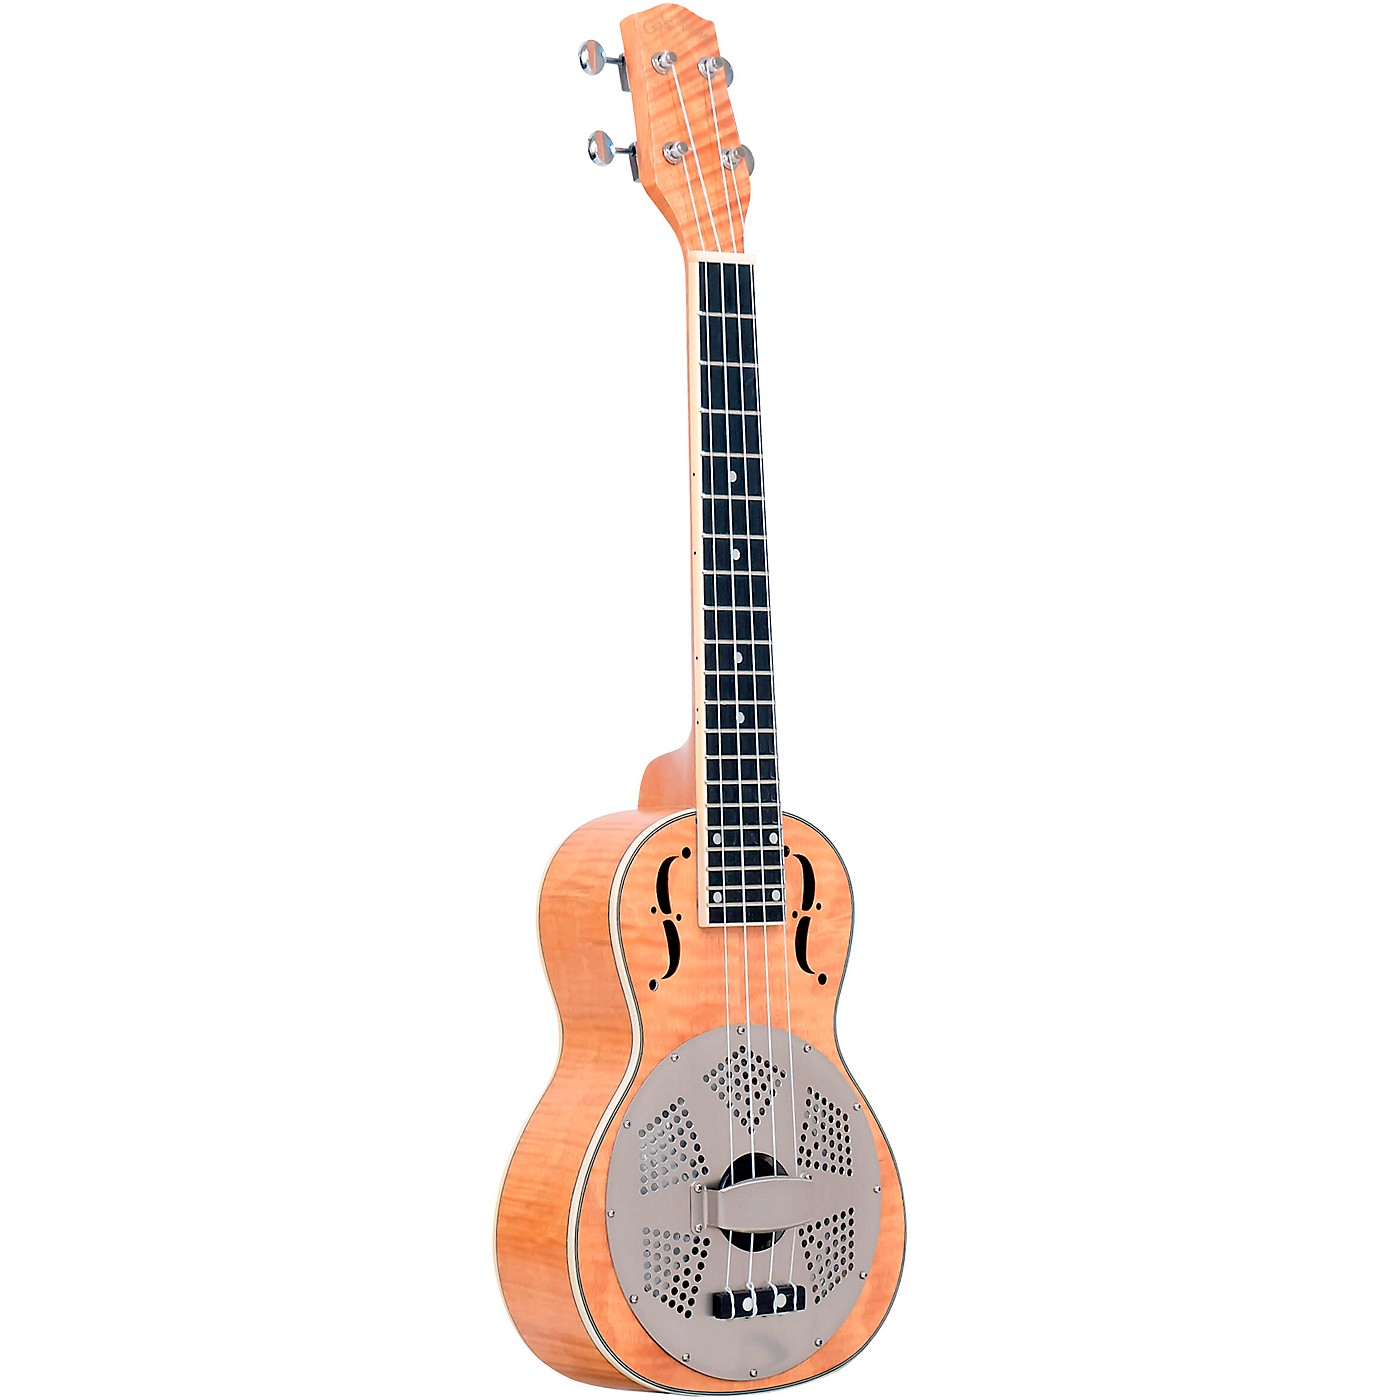 Gold Tone Tenor-Scale Curly Maple Resonator Ukulele with Gig Bag thumbnail